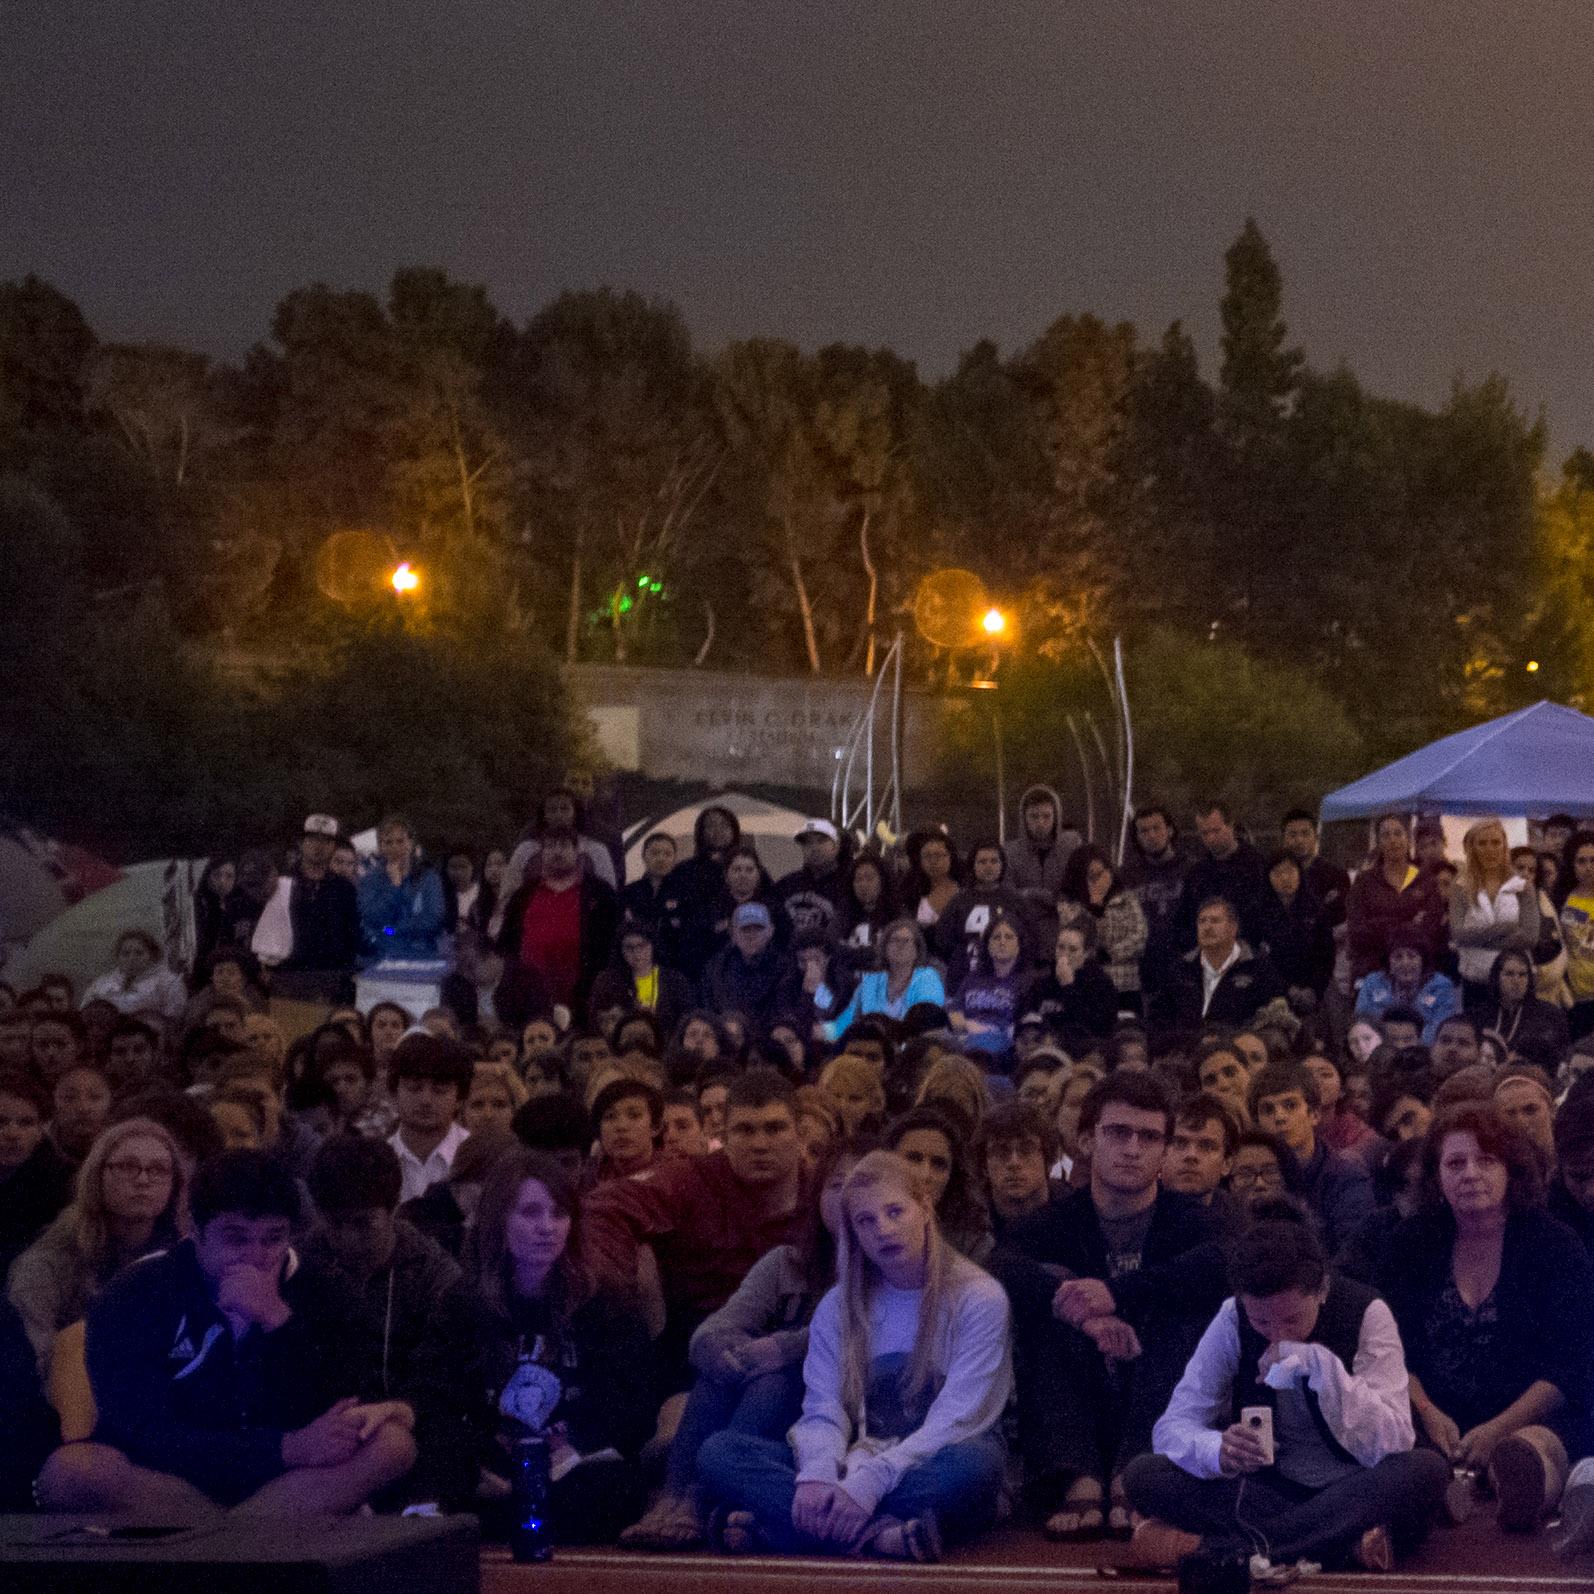 UCLA Event Scene - 1 v2.jpg